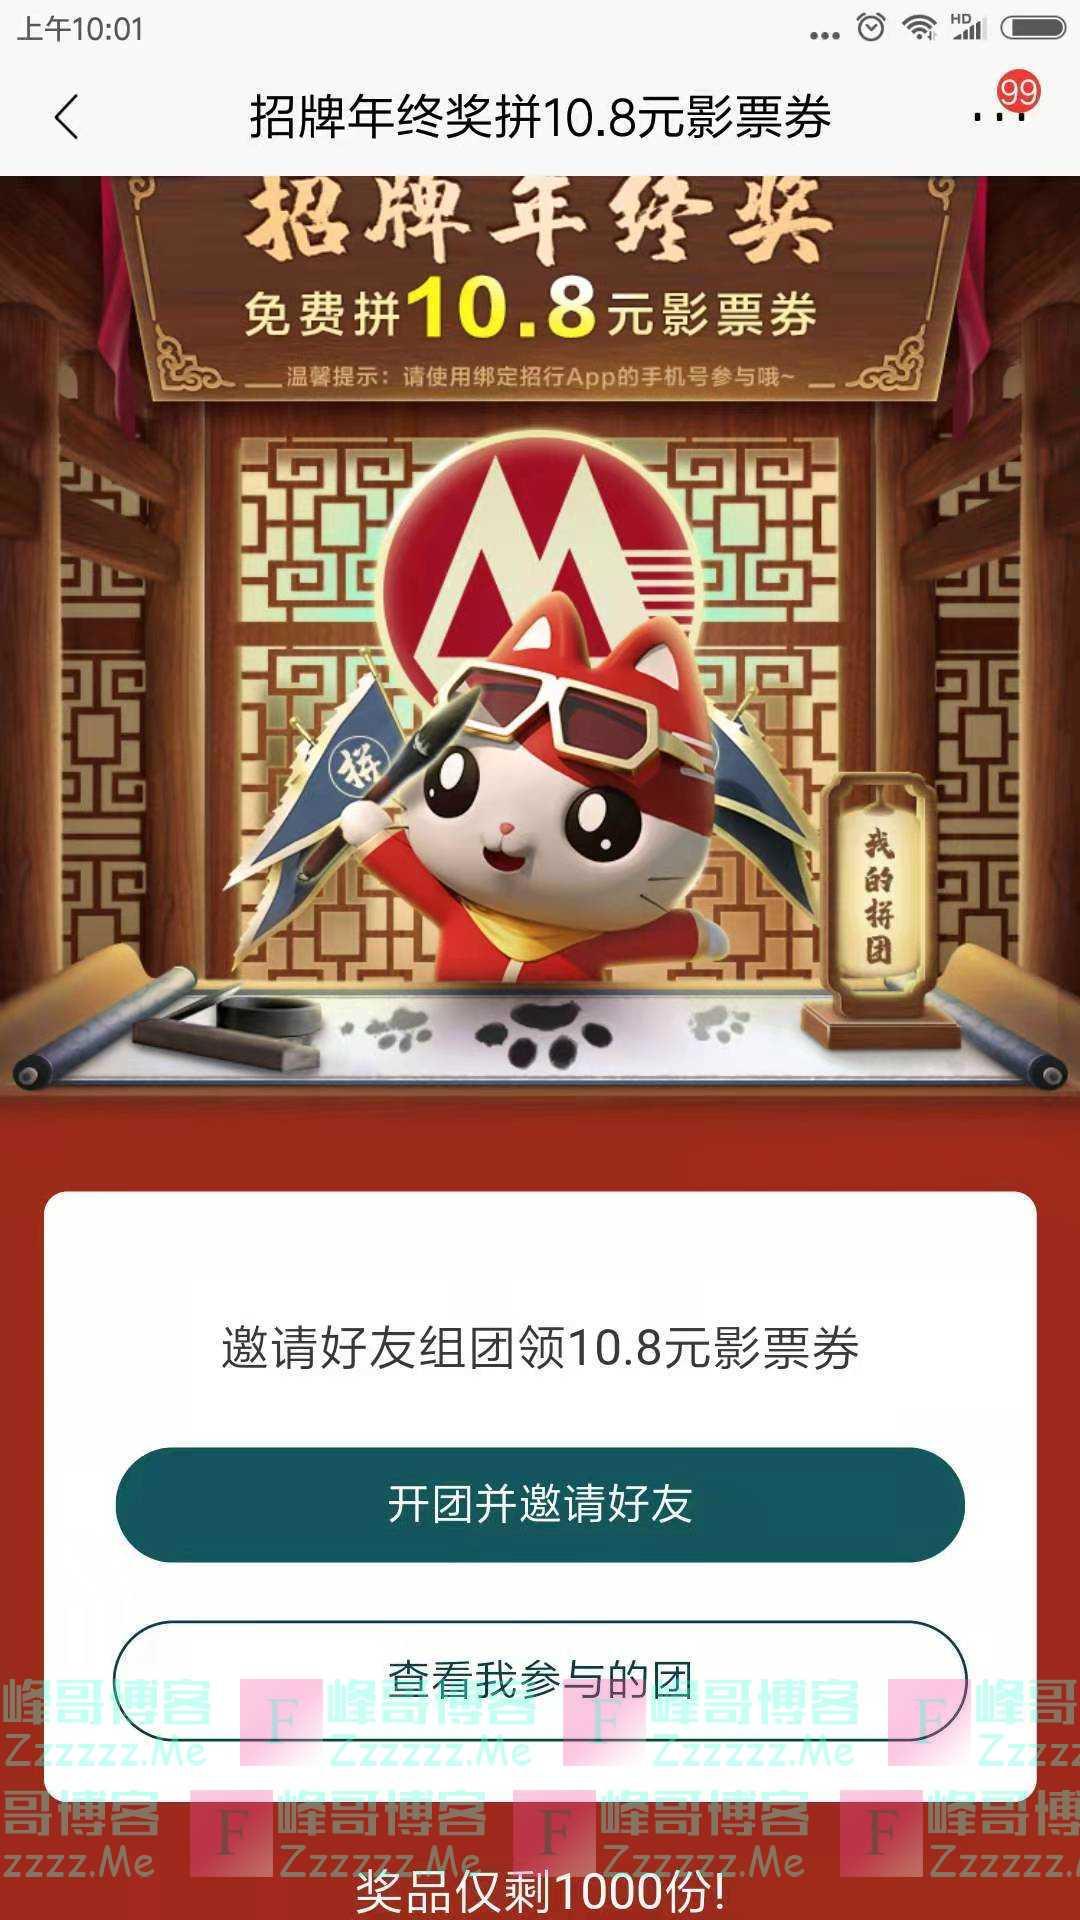 招行免费拼10.8元影票券(截止12月11日)